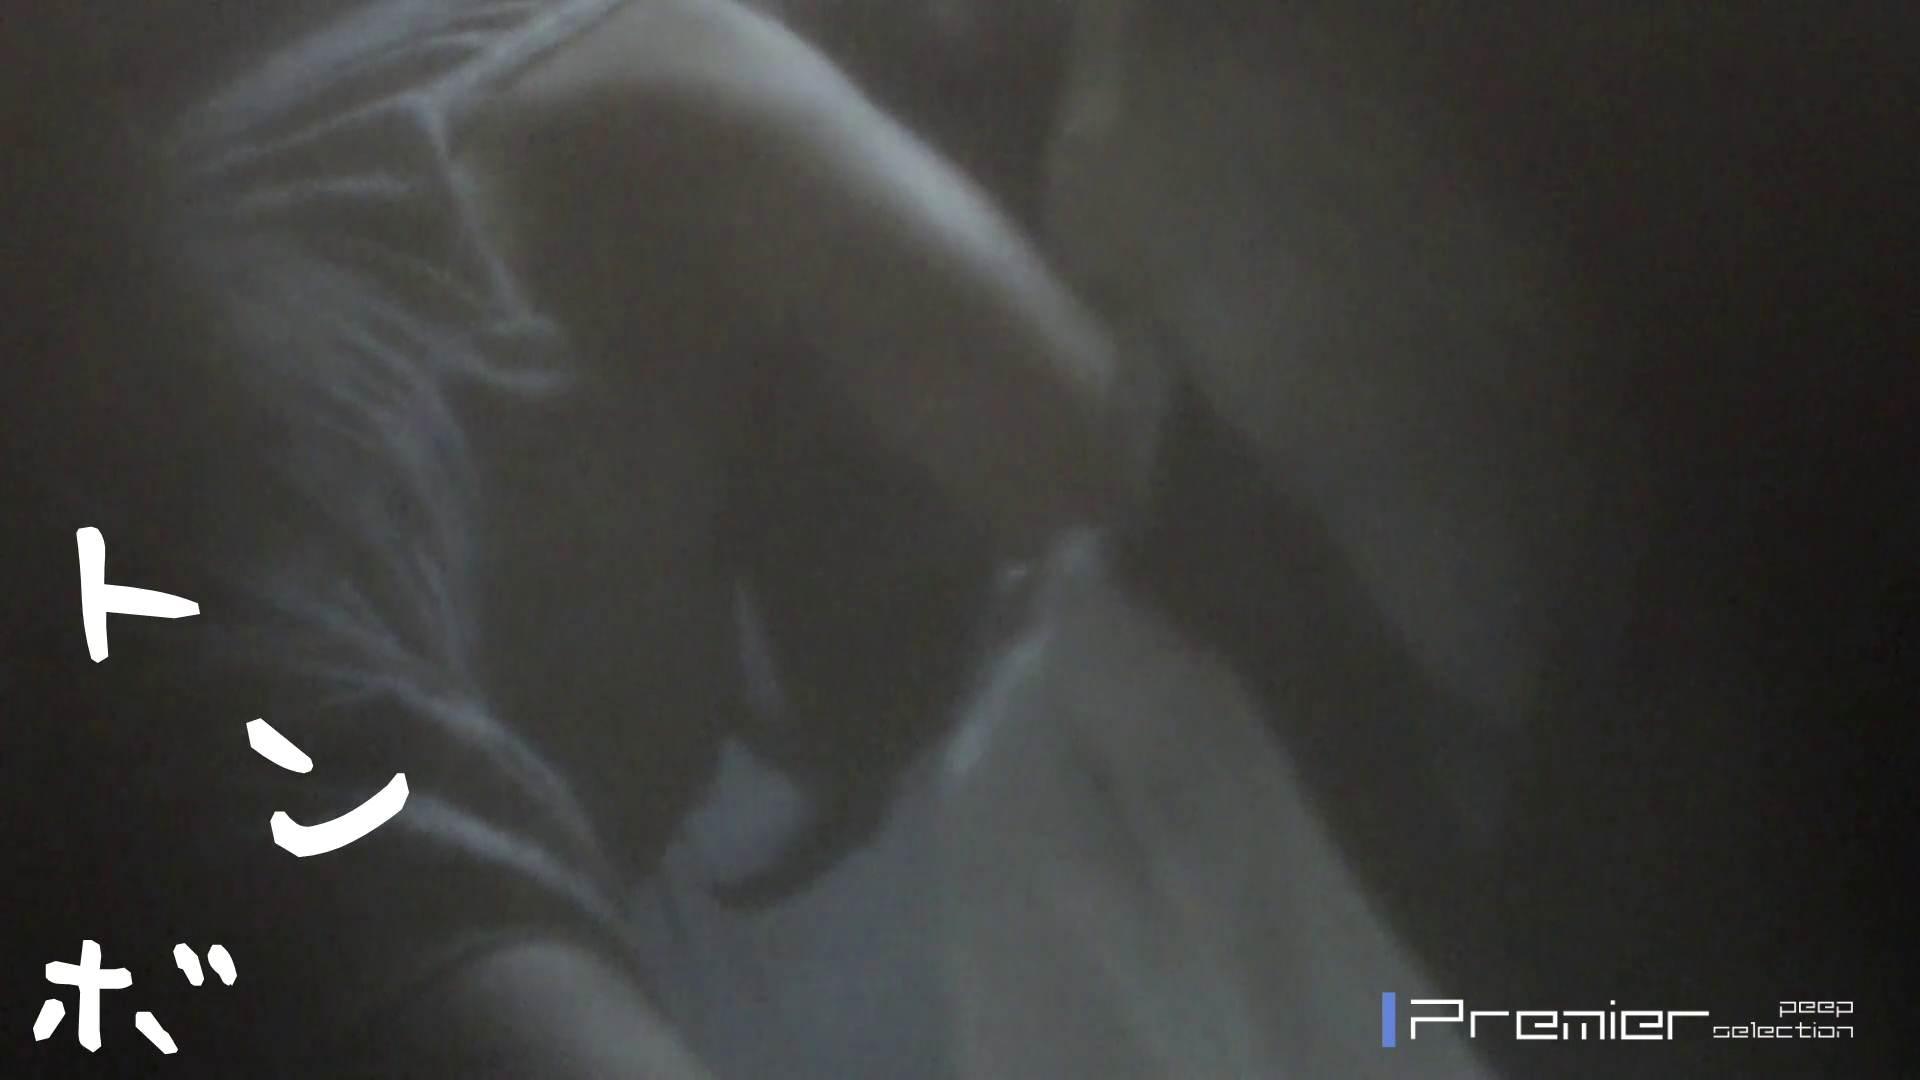 美女達の私生活に潜入!必見!絶世の美女! 市川紗椰 似女子大生の裸 潜入エロ調査   女子大生達のヌード  59連発 21